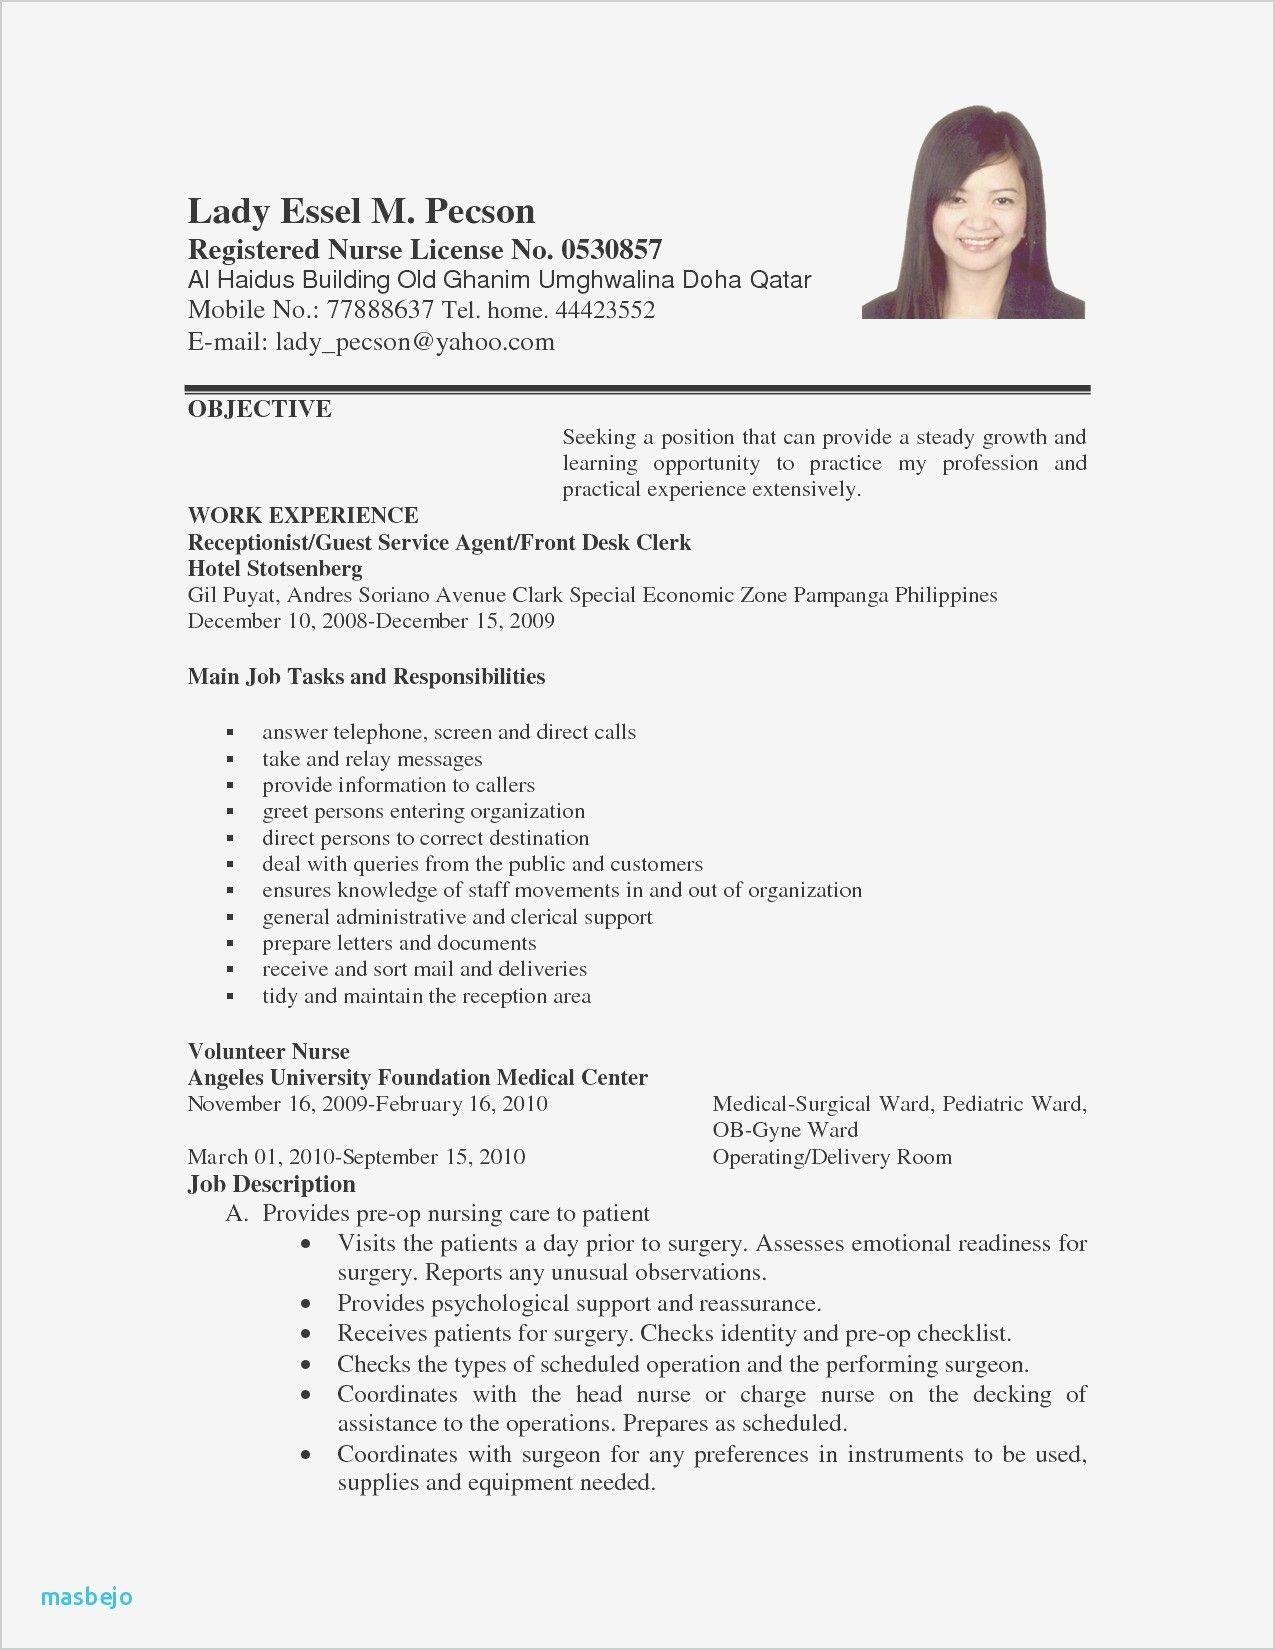 New Sample Letter Job Application Job Resume Examples Cover Letter For Resume Resume Skills